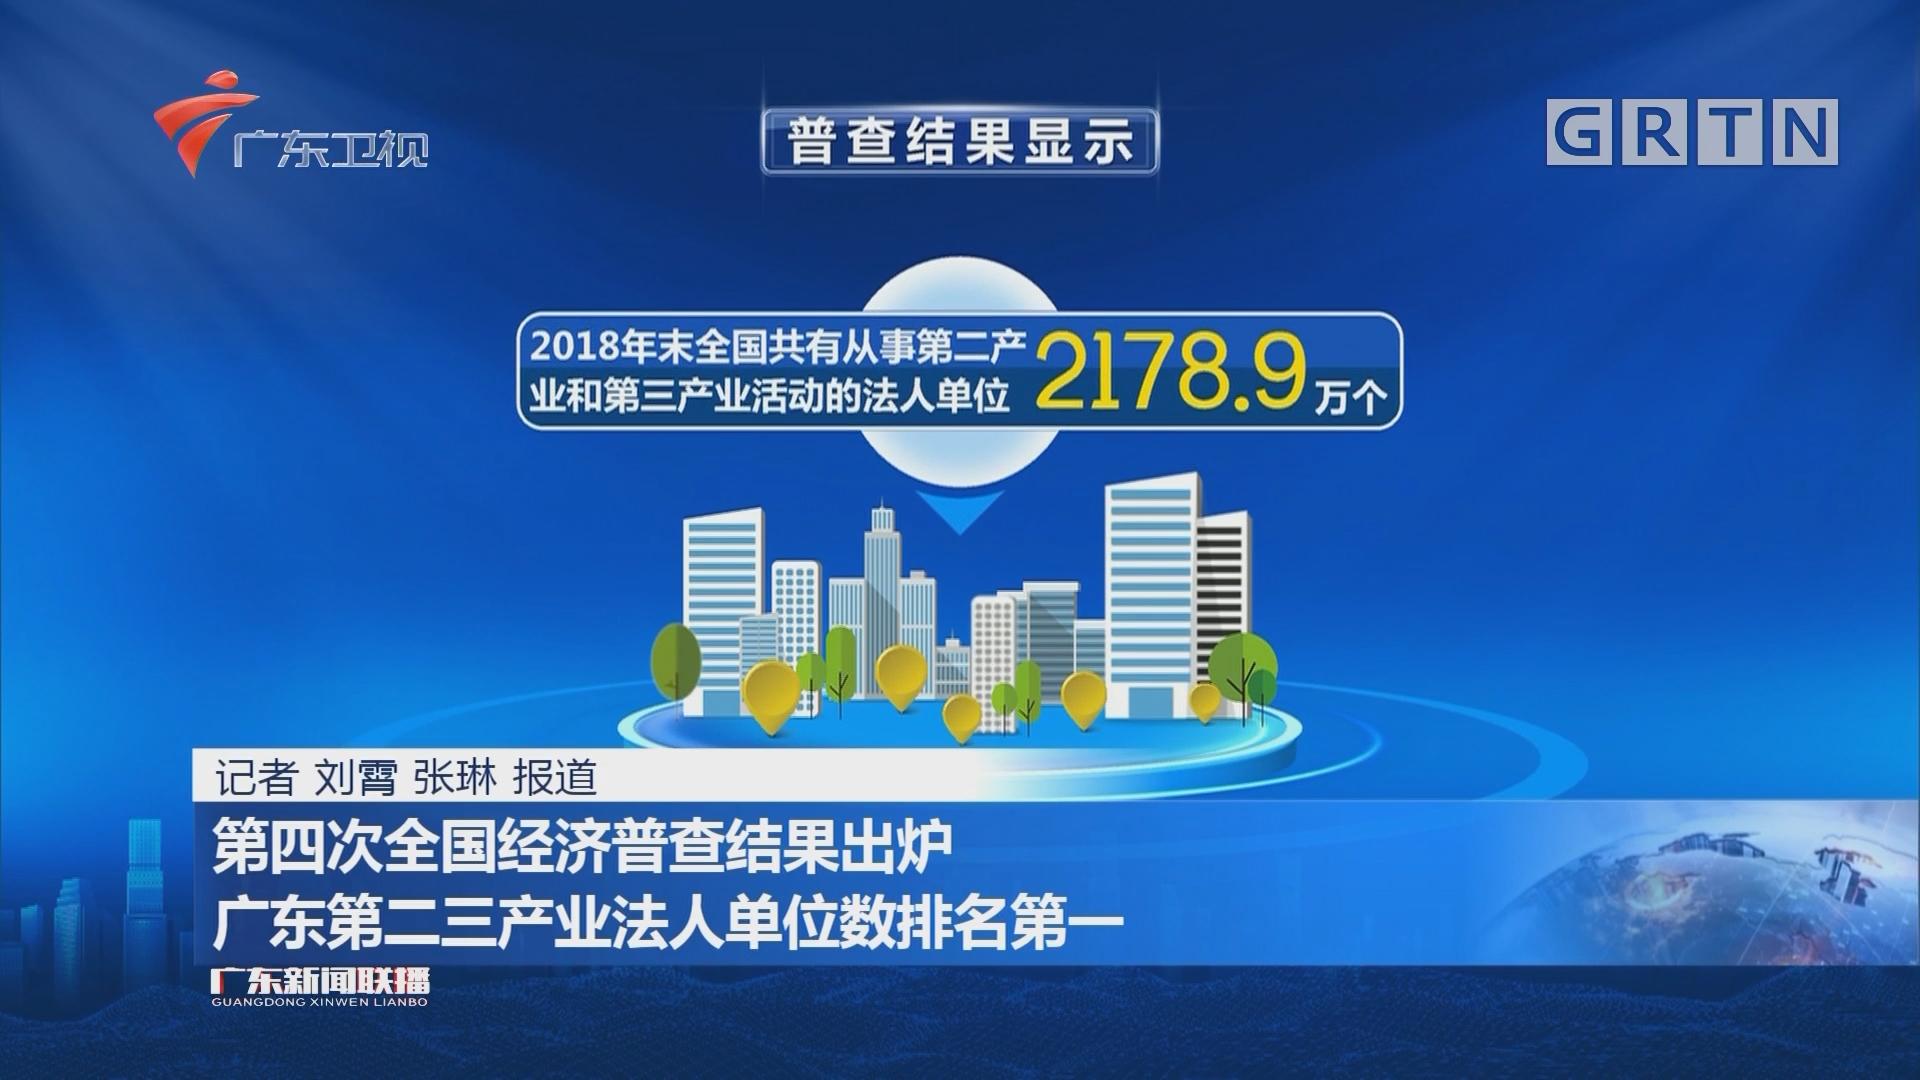 第四次全国经济普查结果出炉 广东第二三产业法人单位数排名第一